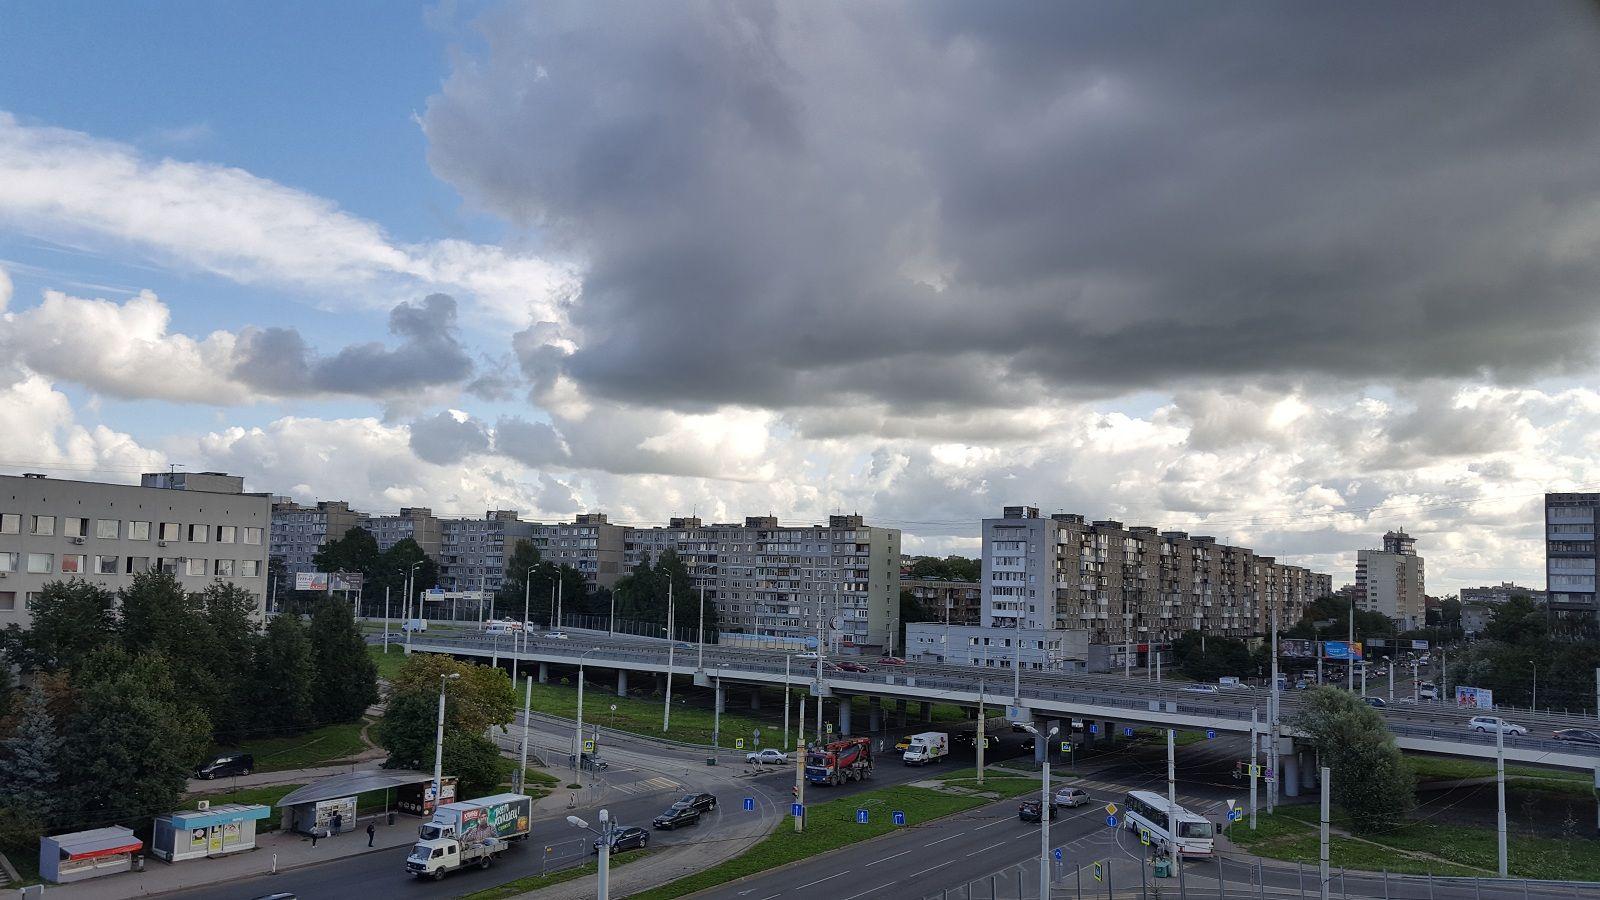 Как я провела свой день рождение, я покажу вам летний Калининград, фото 21